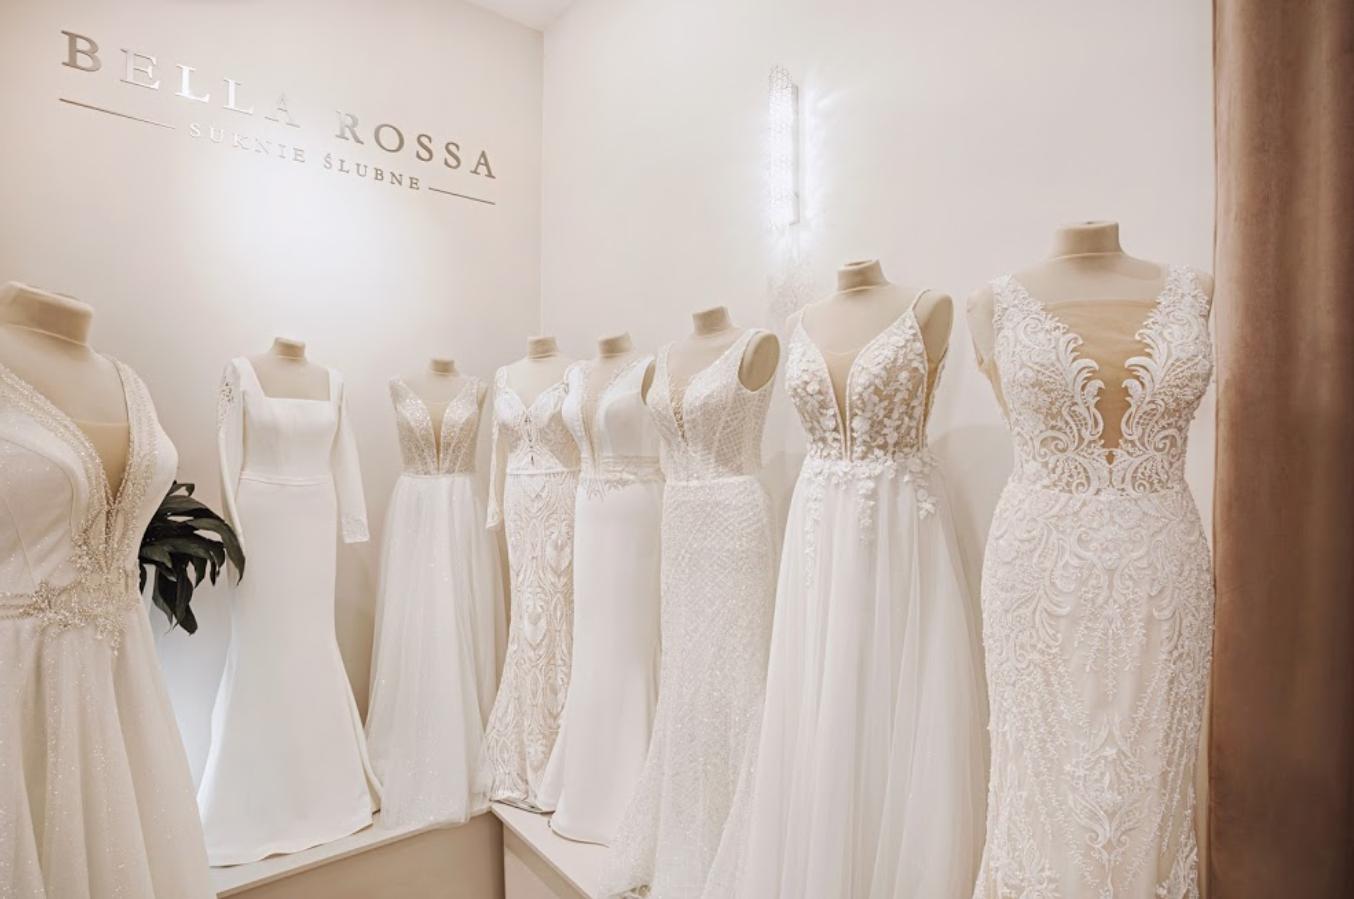 Salon sukien ślubnych Bella Rossa w Krakowie